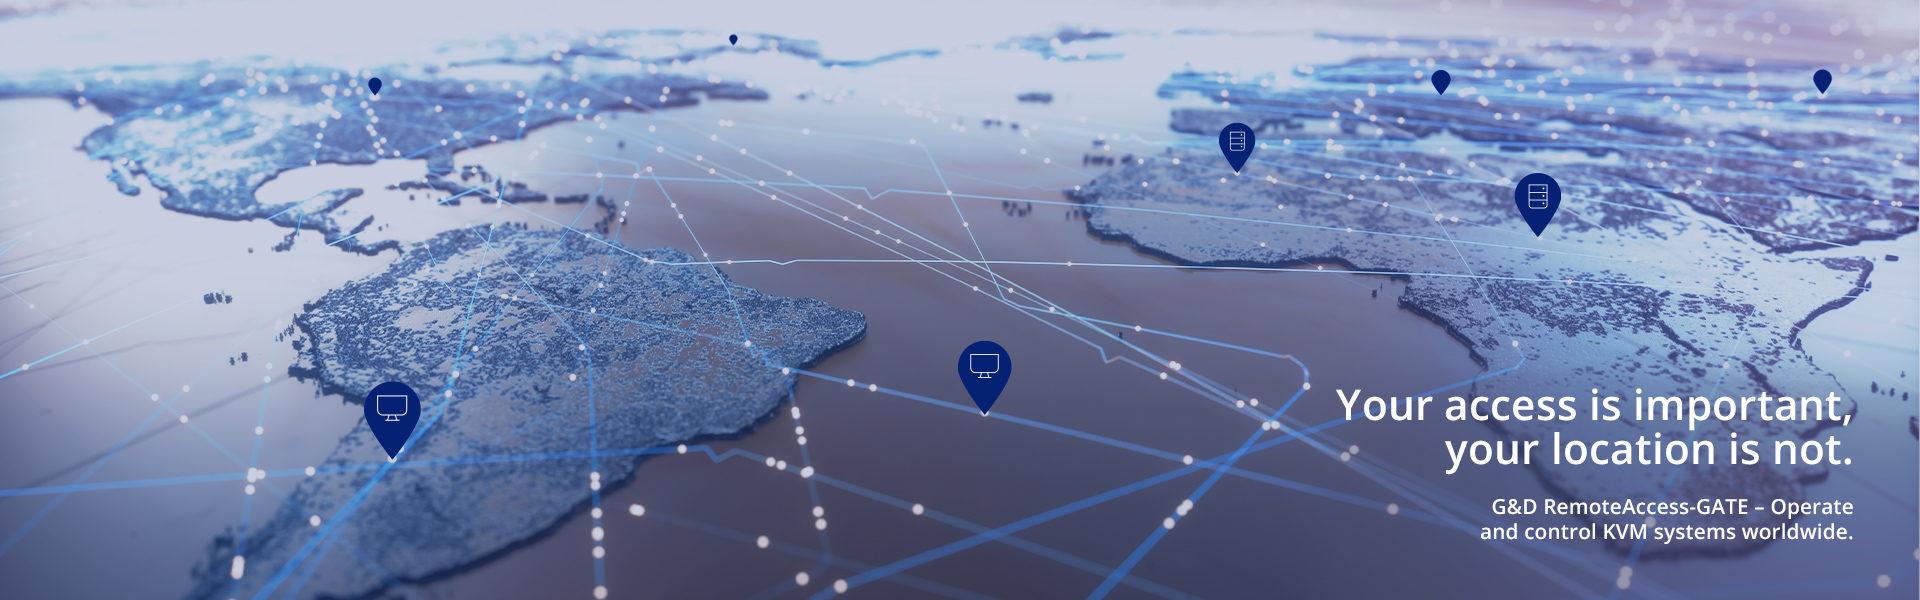 RemoteAccess-GATE: IP-Zugriff auf KVM-Systeme zu jeder Zeit und von überall